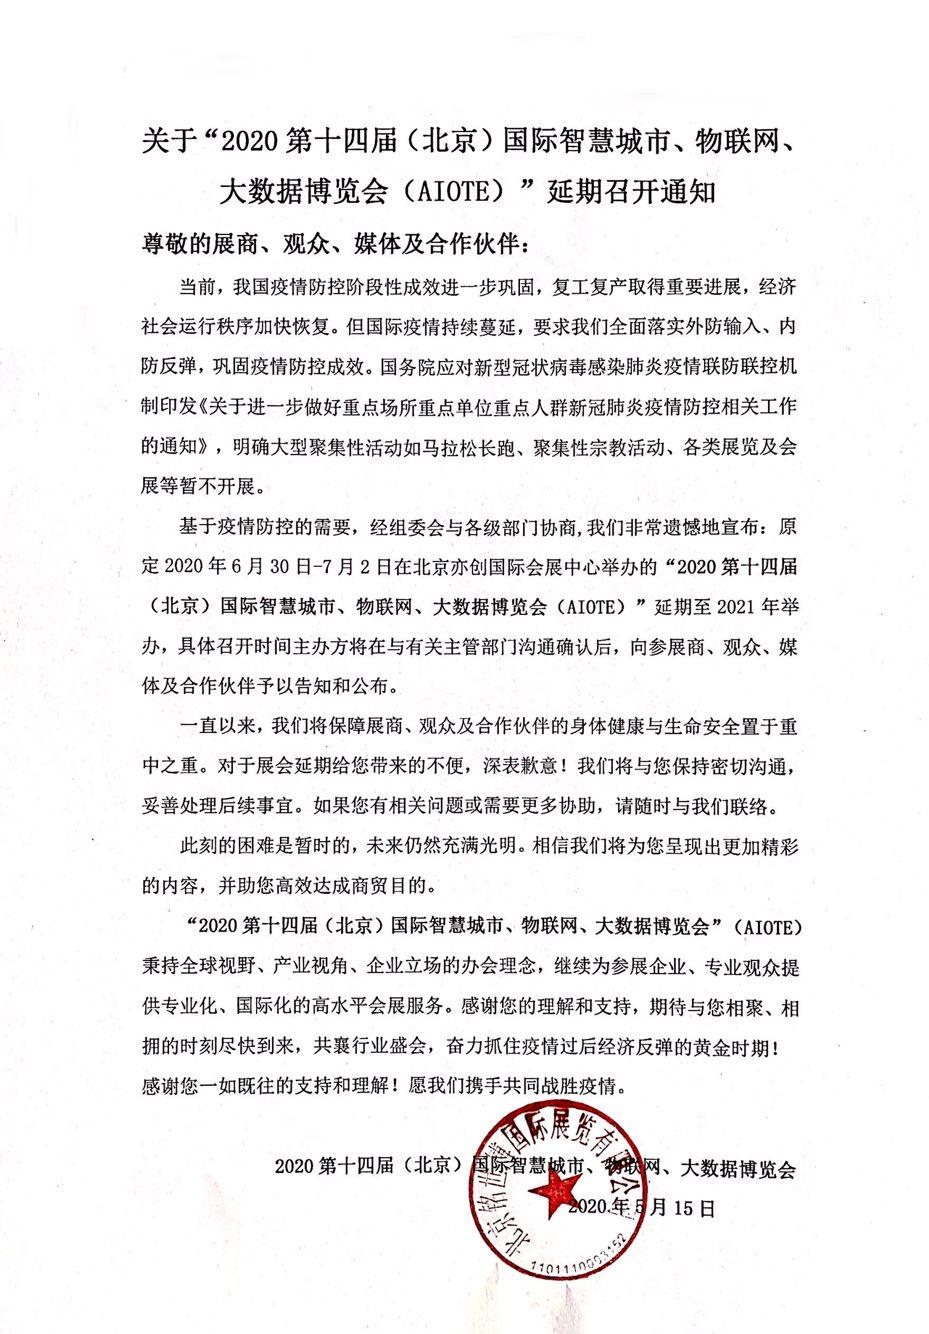 重要通知:关于延期举办第十四届(北京)国际物联网展览会